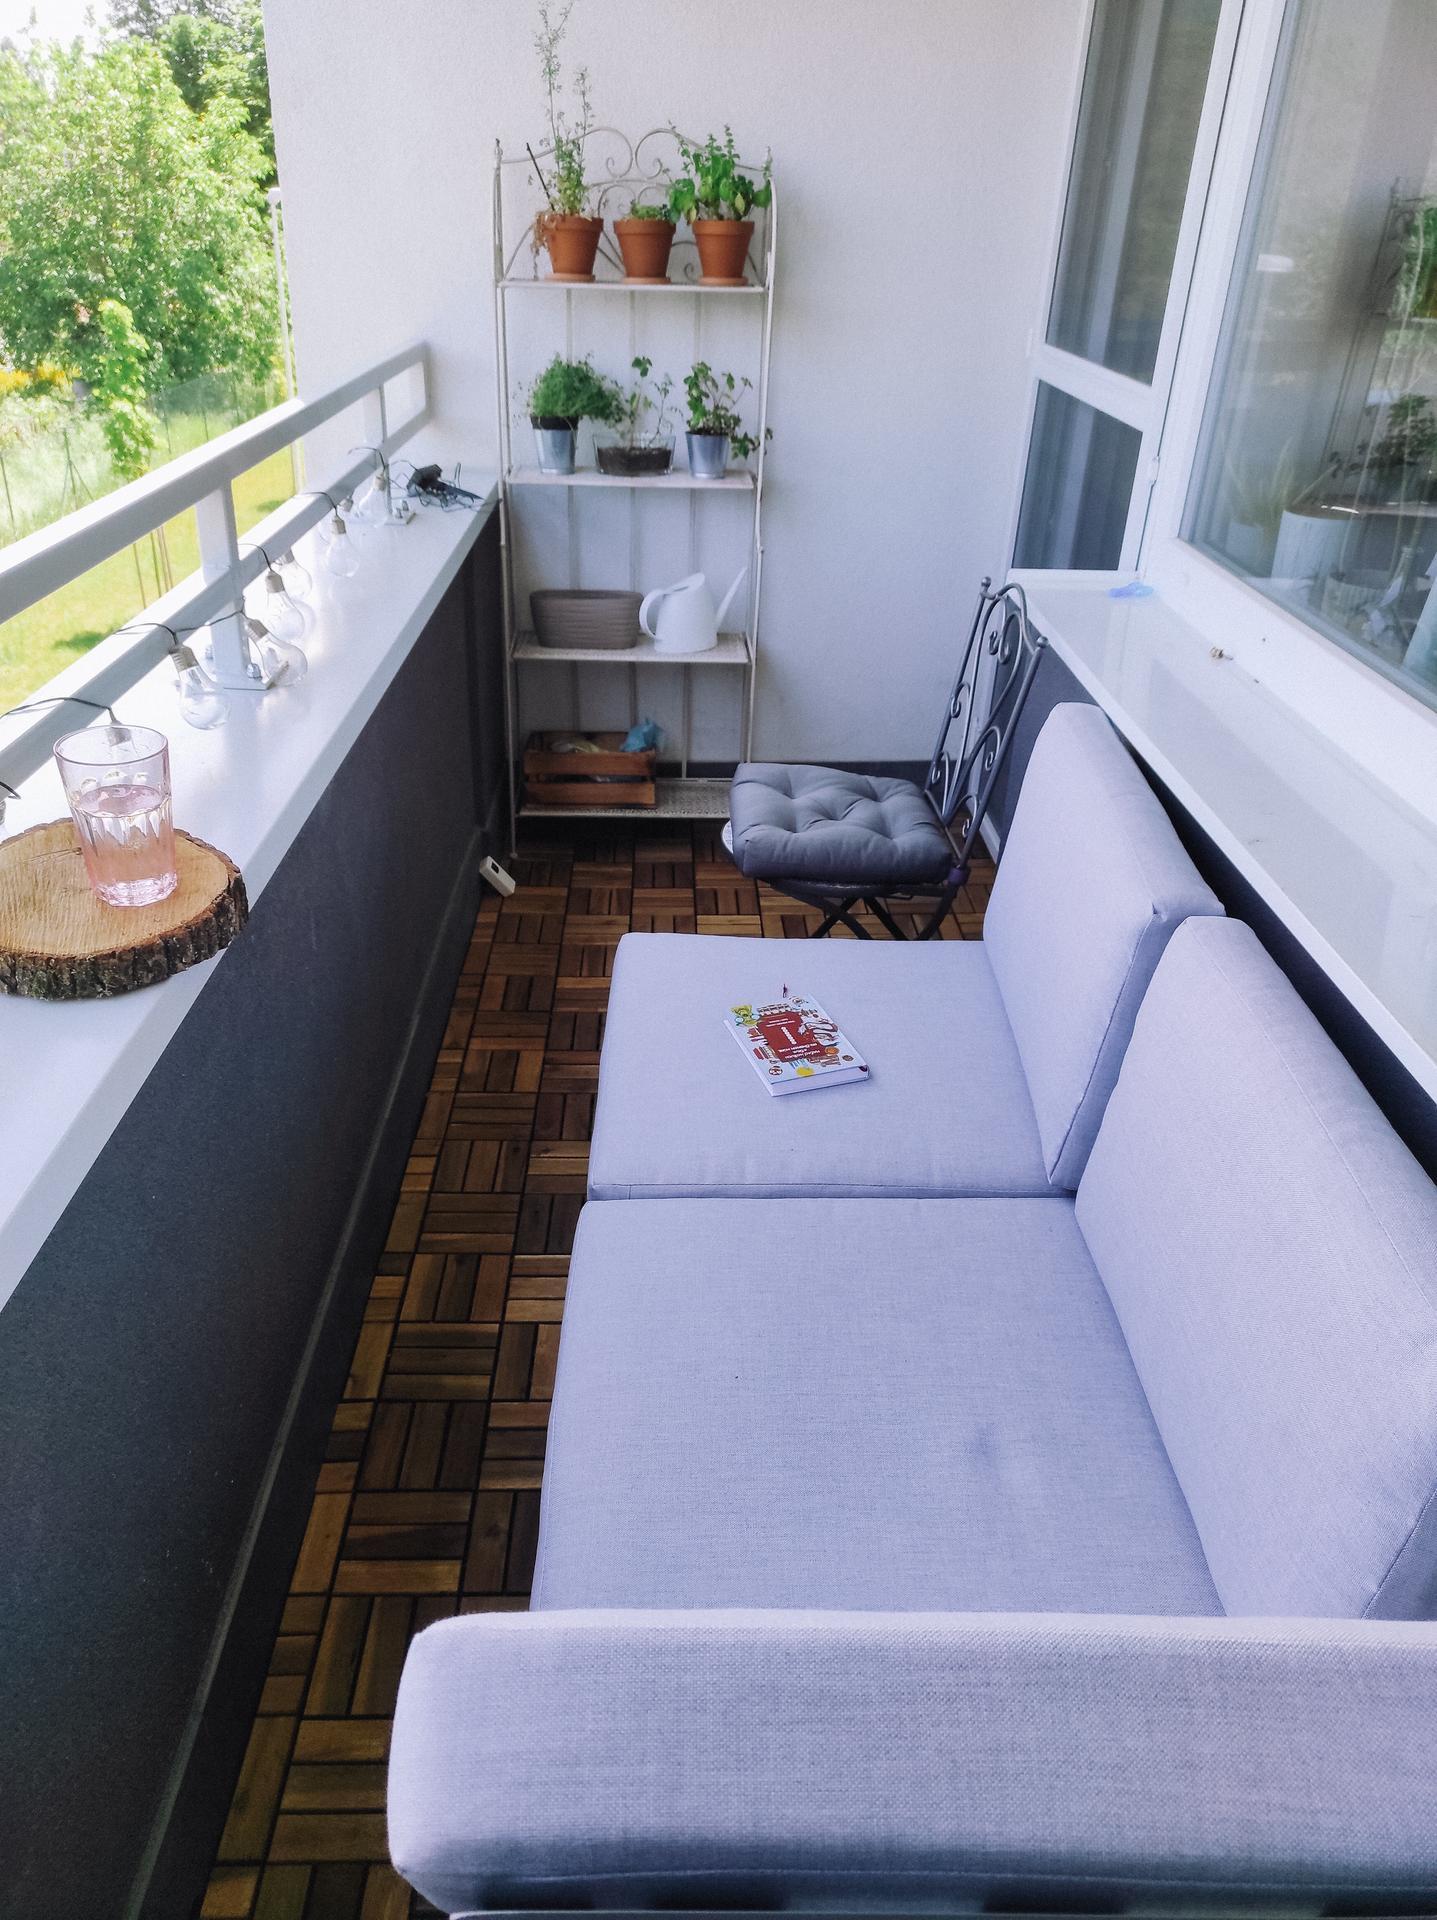 Byt snov - Od včera môžeme sedieť na balkóne! Toto bol môj sen,že nie len sedieť,ale aj ležať, čítať,užívať si pohodu.